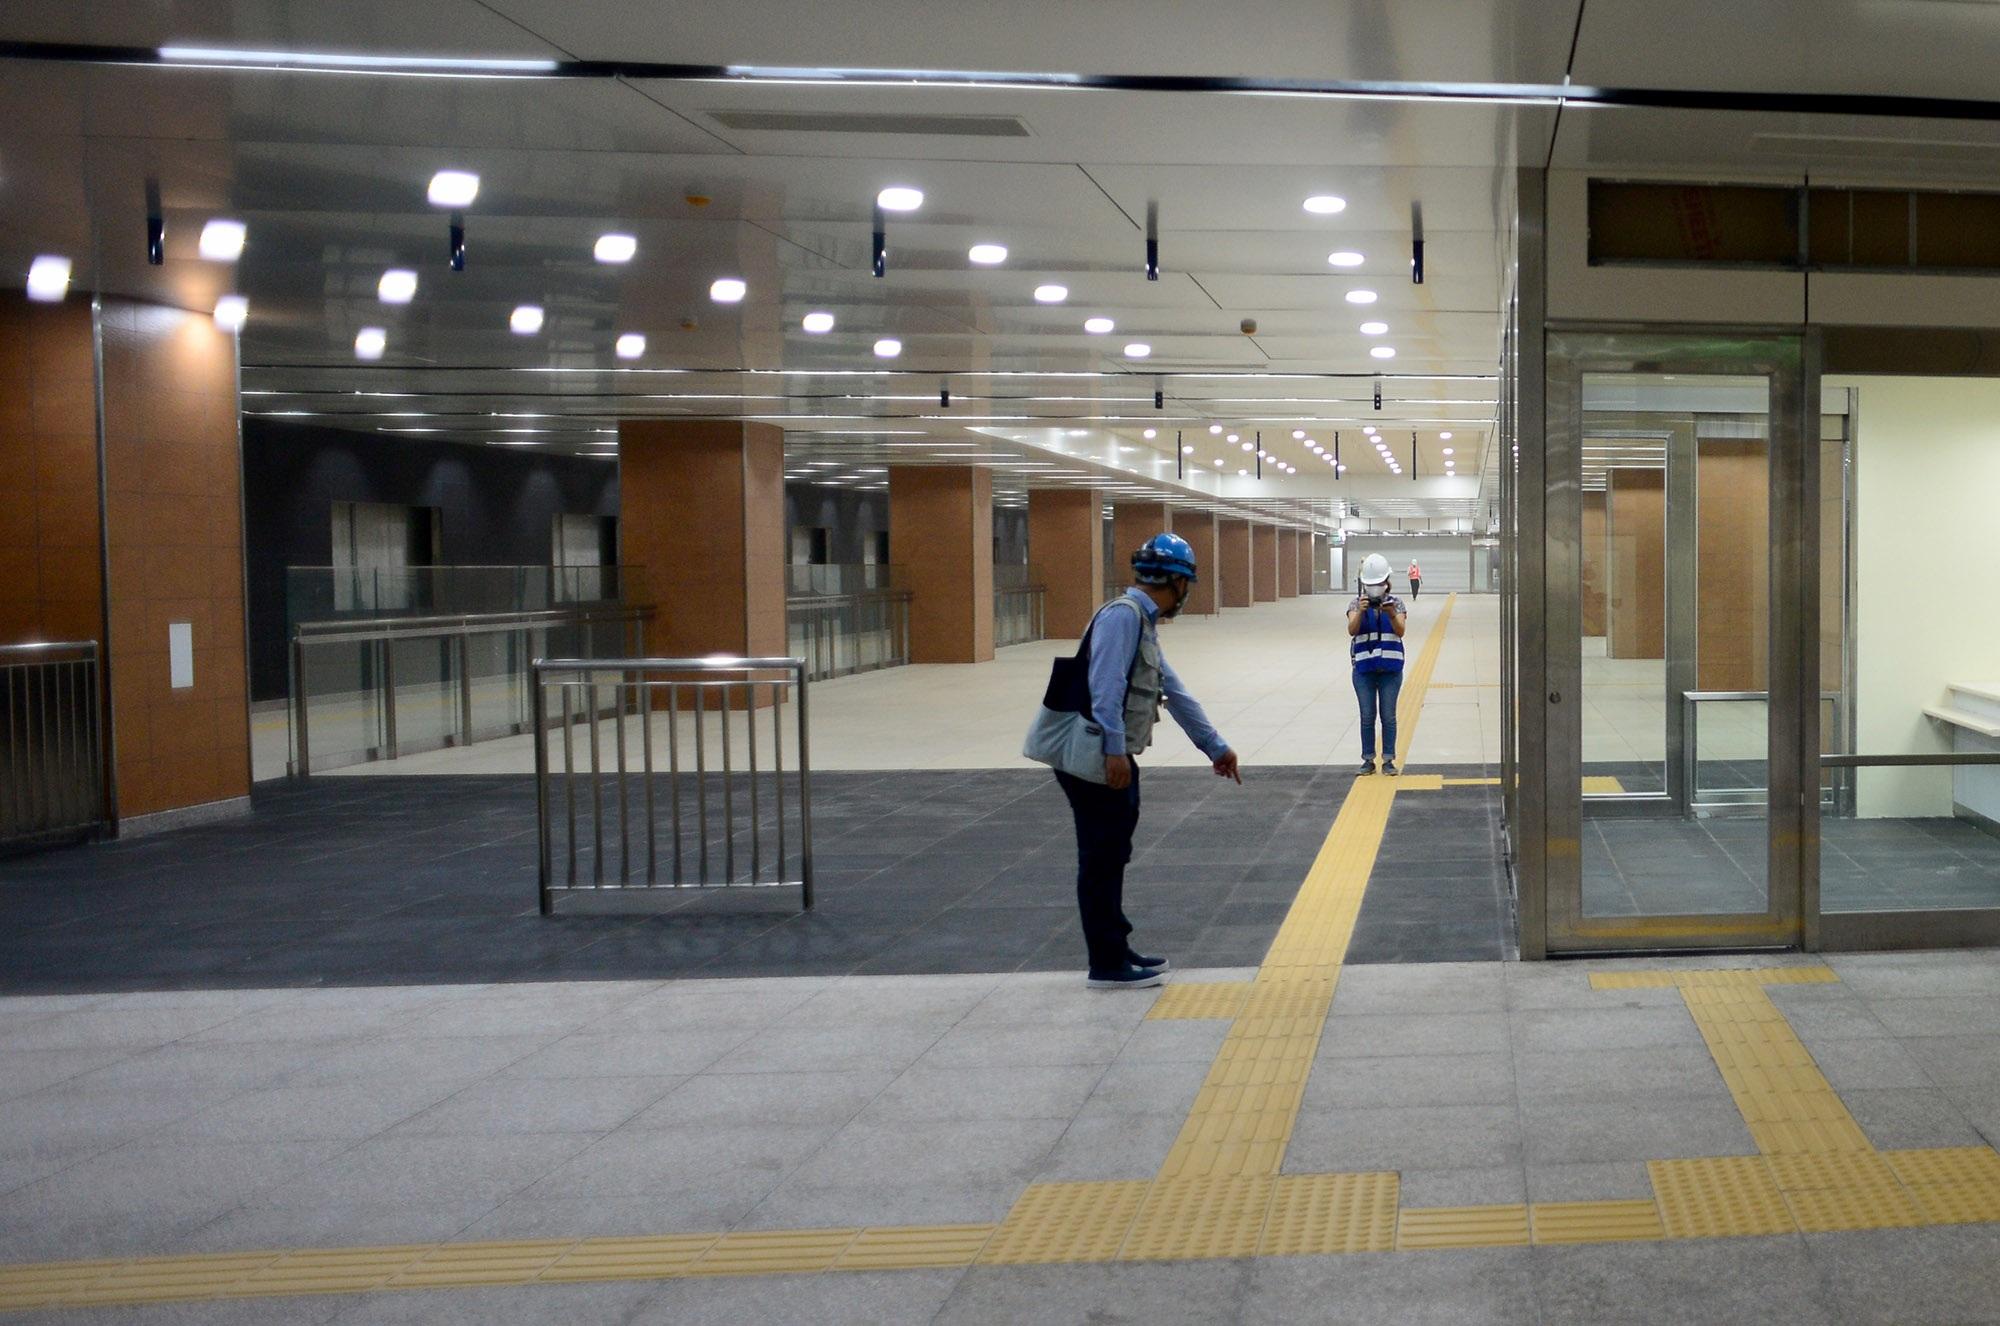 Ngắm toàn cảnh tuyến metro đầu tiên của TPHCM - 9